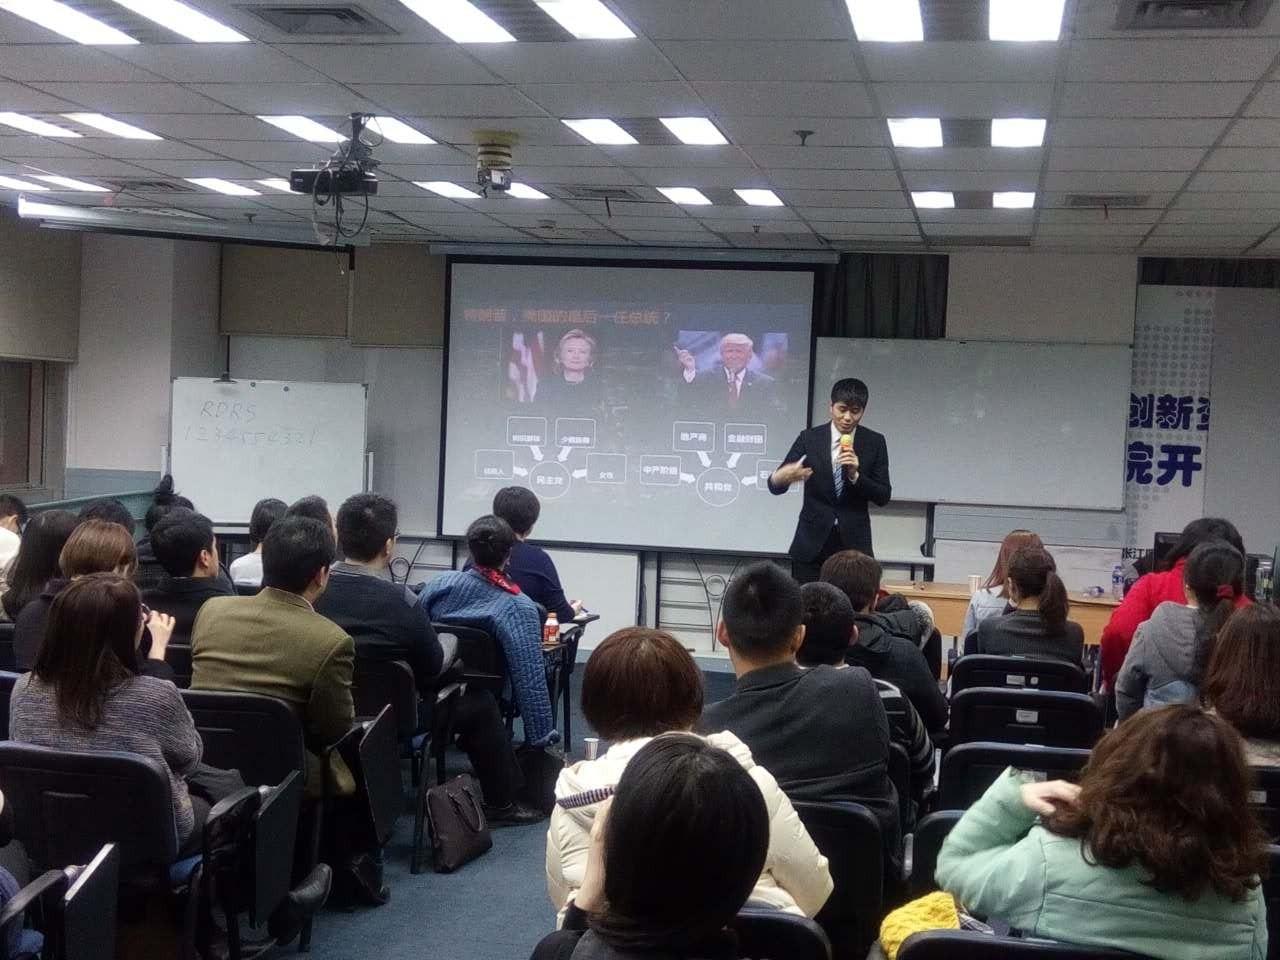 中國人民大學人文學院上課圖集